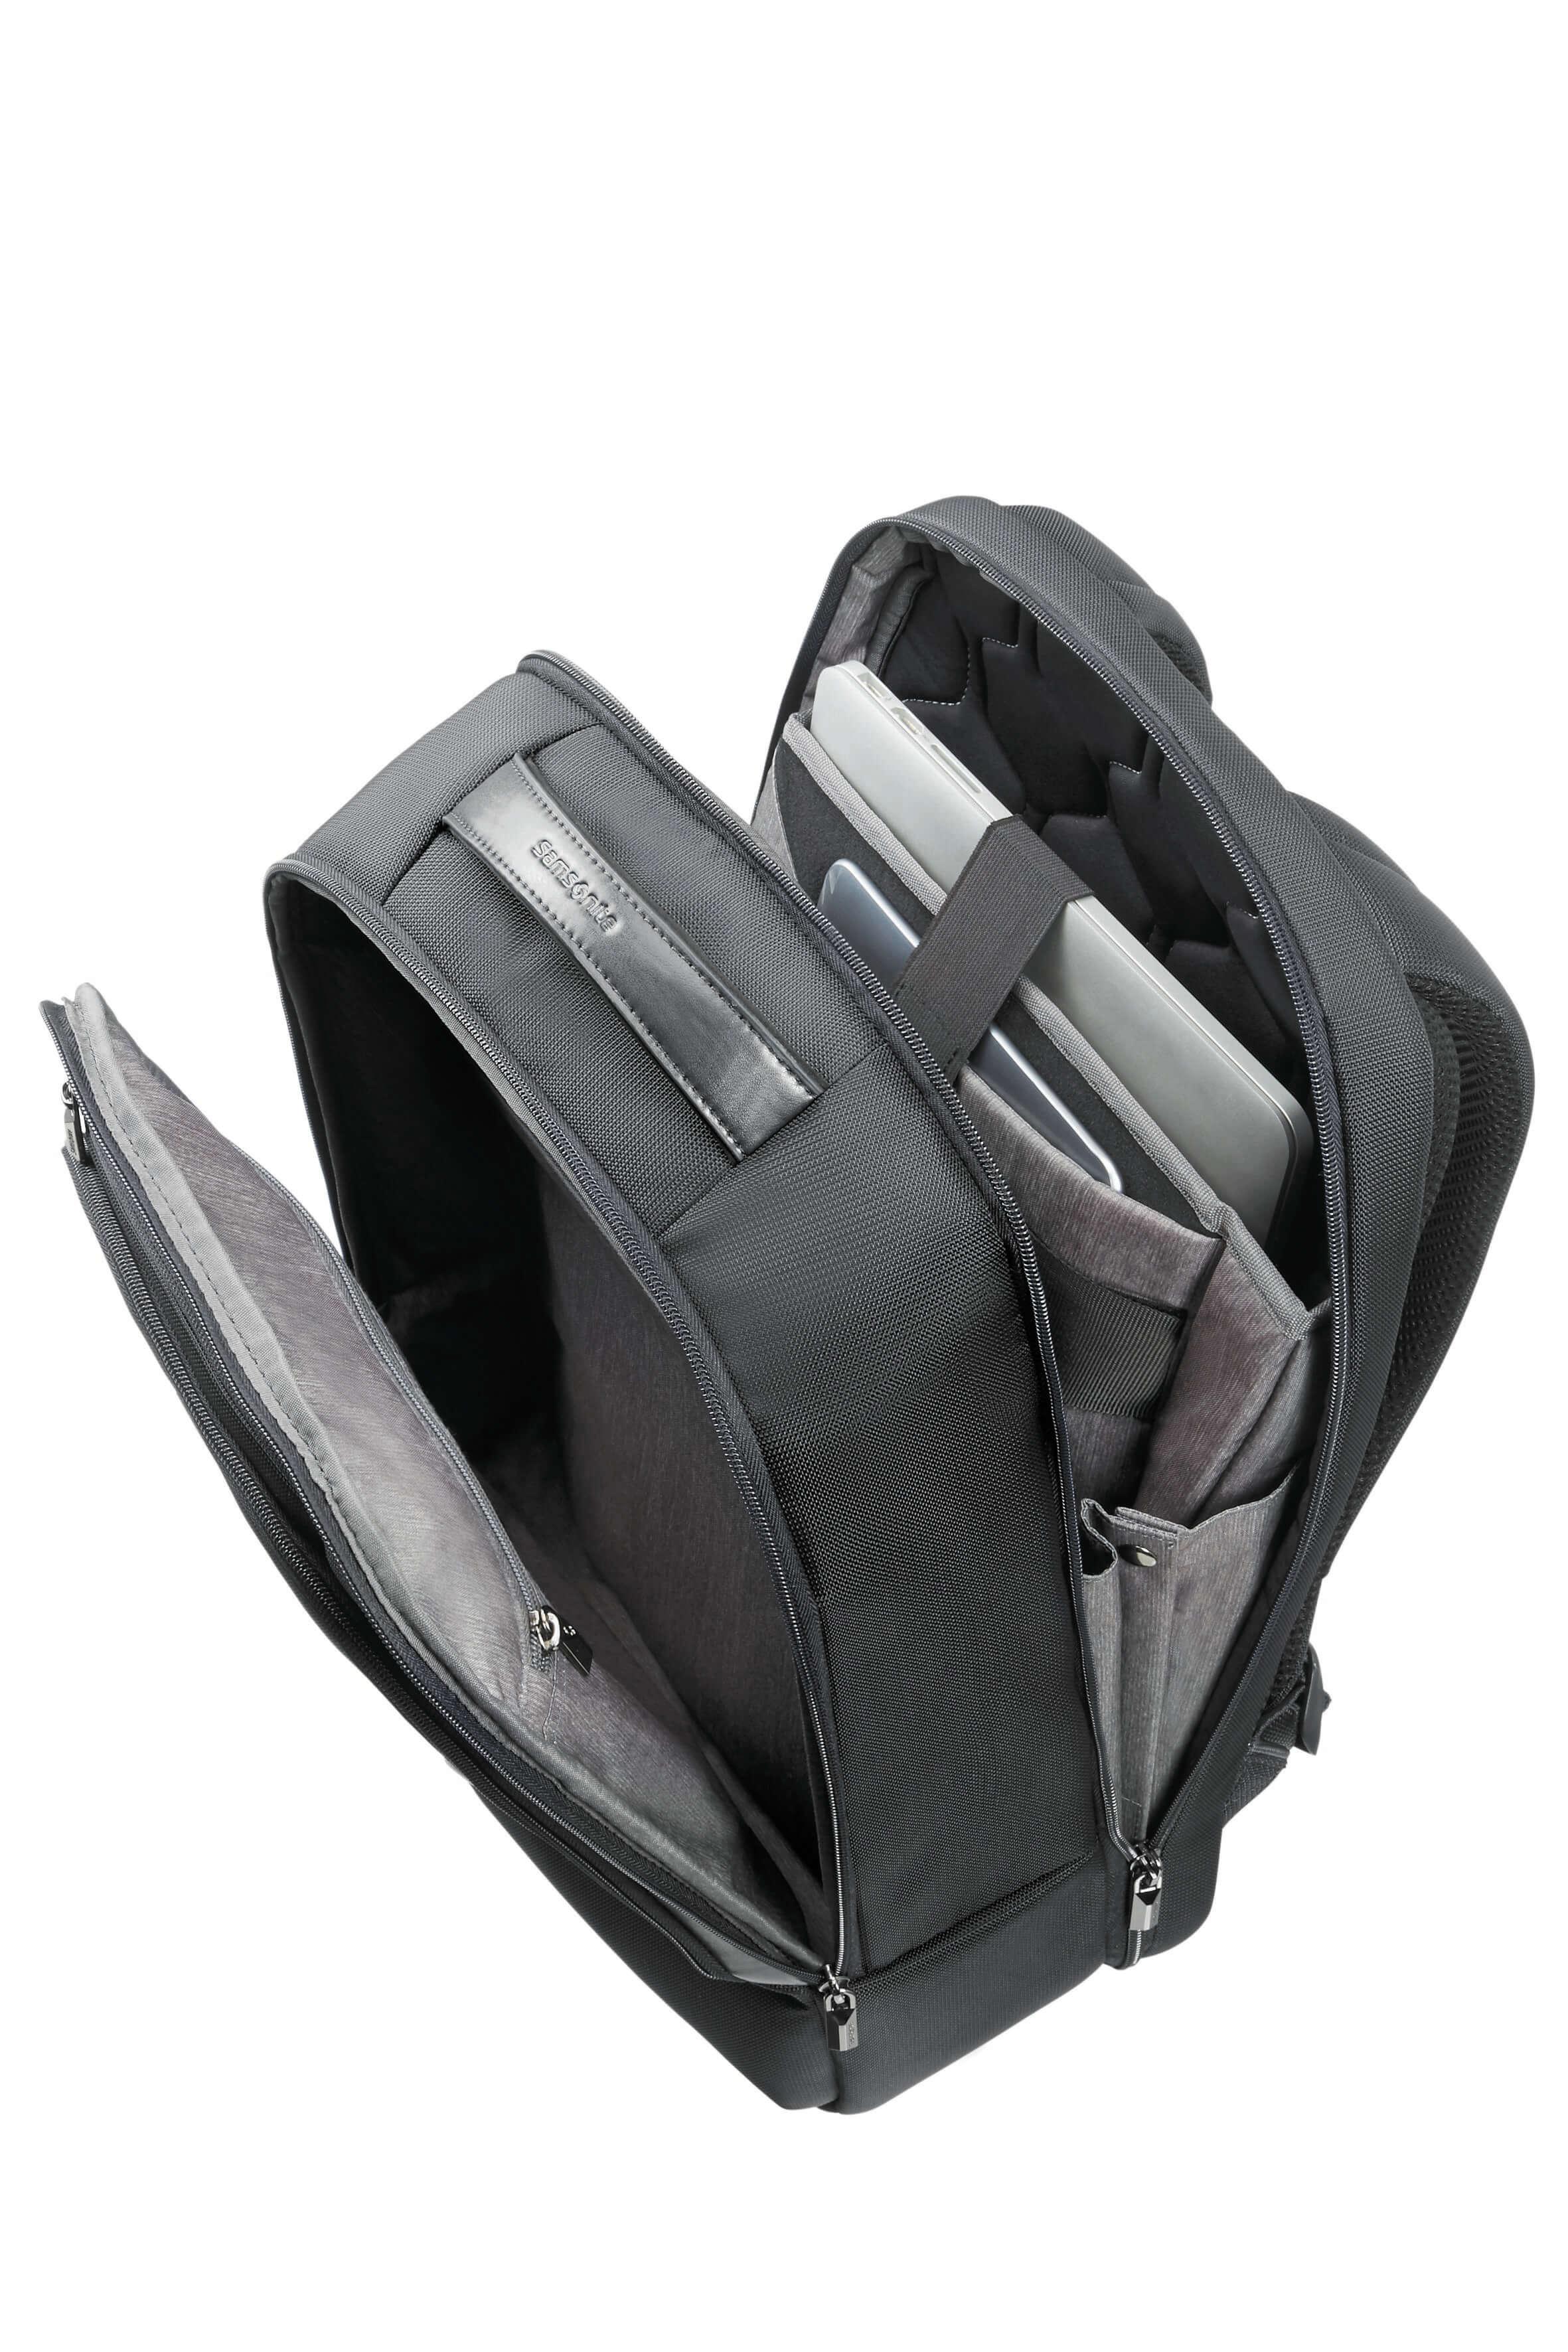 Рюкзак для ноутбука діагоналлю 17,3 дюйма